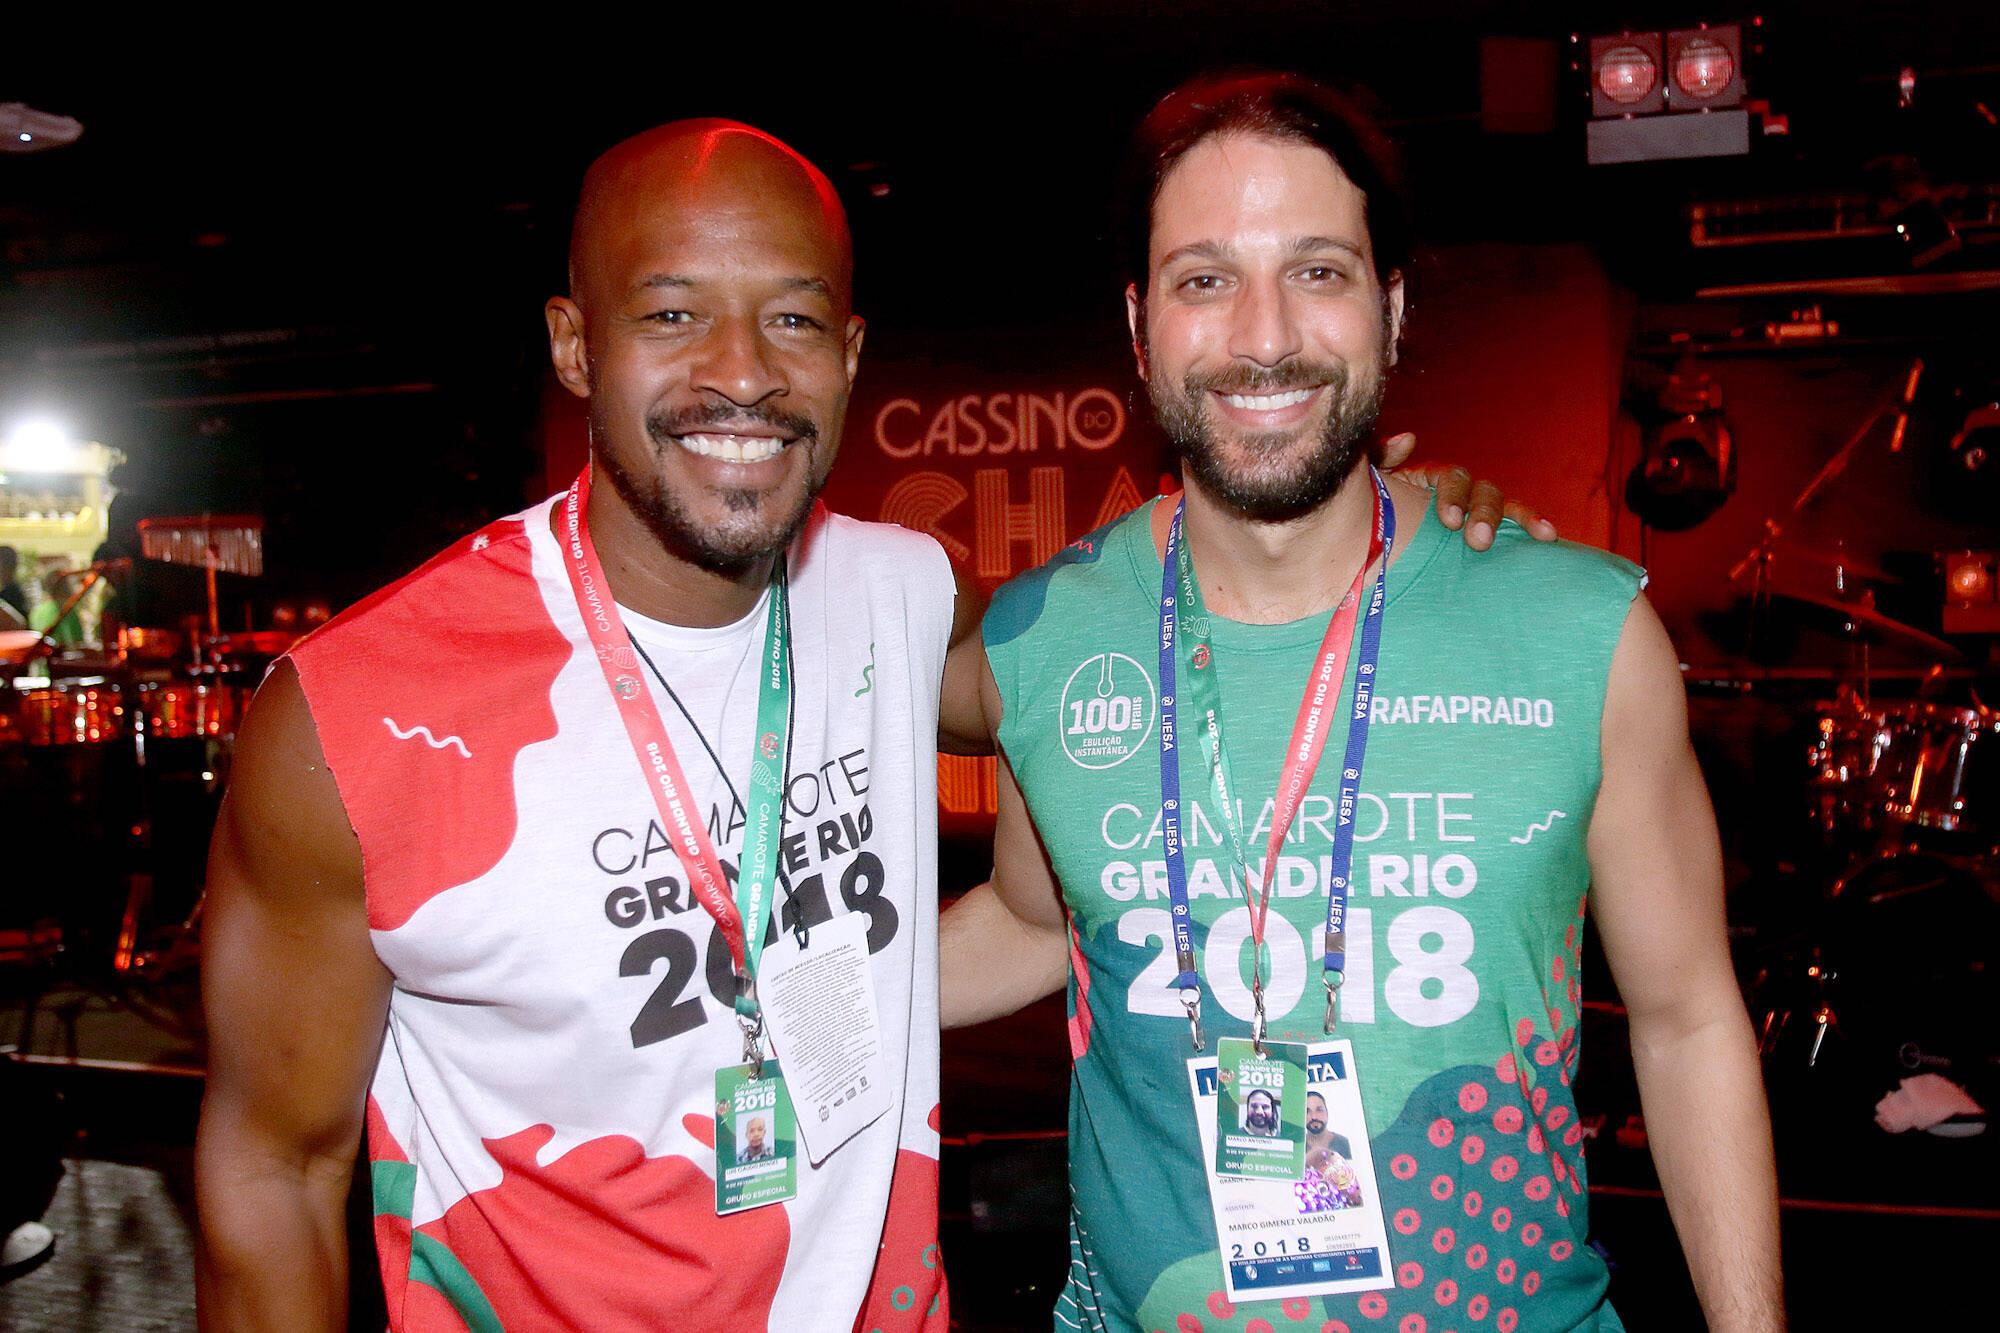 Lui Mendes e Marco Antônio Gimenez no Camarote Grande Rio que se transformou no Cassino do Chacrinha na noite do último domingo (11). Foto: ENY MIRANDA/DIVULGAÇÃO